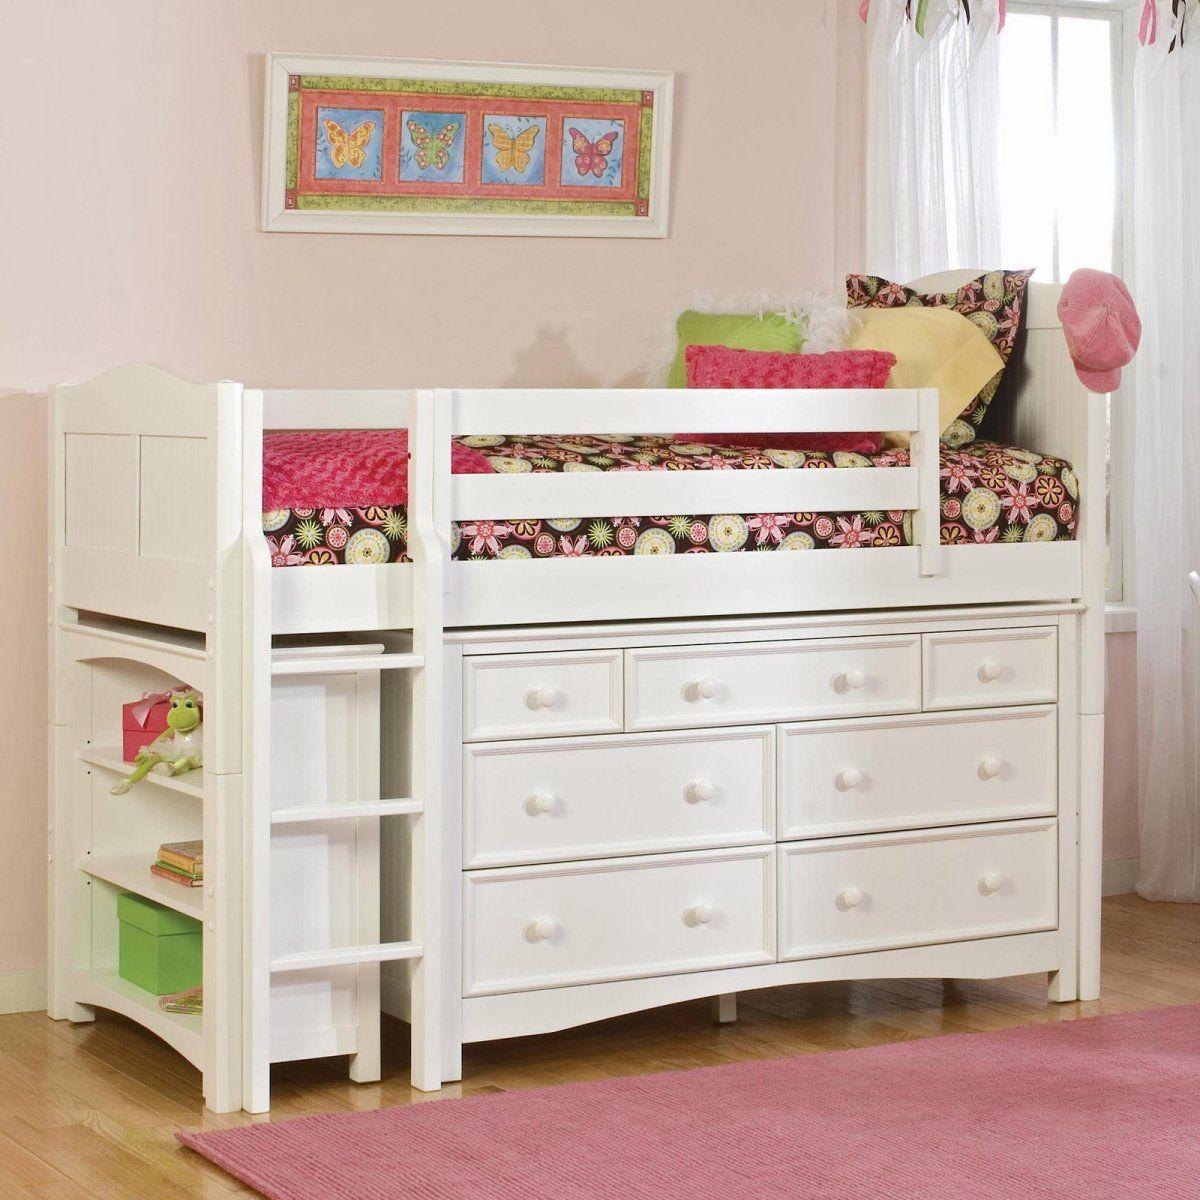 Best Cottage Low Loft White Loft Beds At Simply Bunk Beds 400 x 300